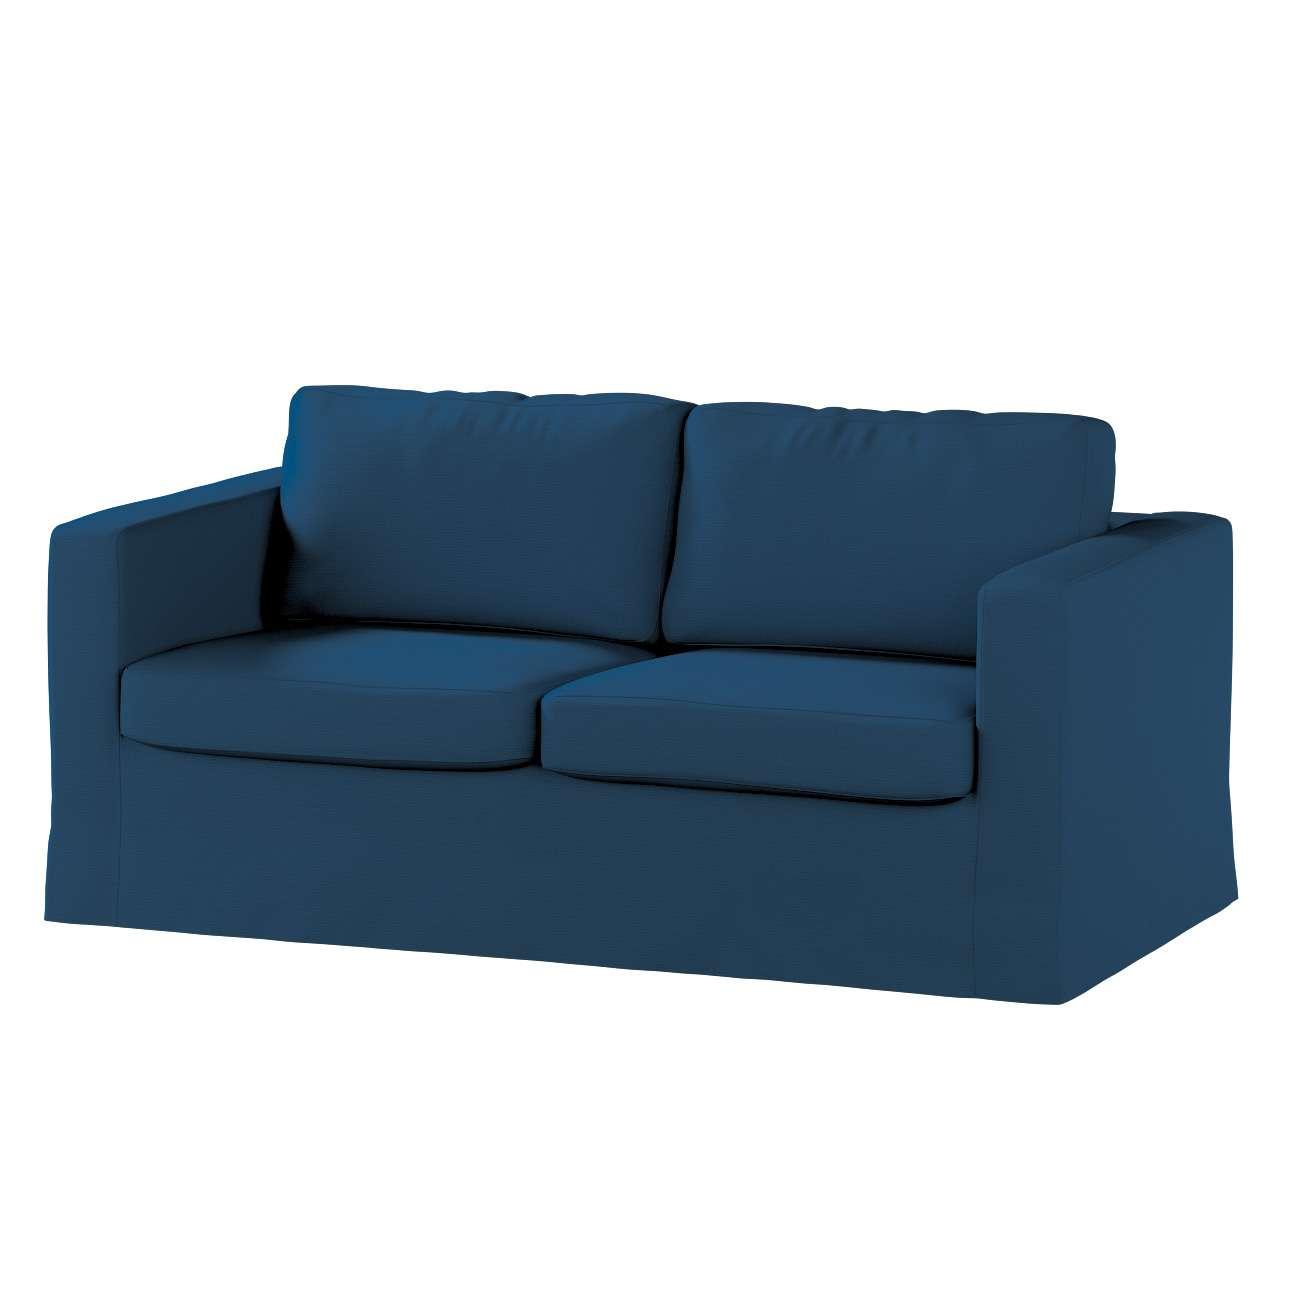 Pokrowiec na sofę Karlstad 2-osobową nierozkładaną długi Sofa Karlstad 2-osobowa w kolekcji Cotton Panama, tkanina: 702-30